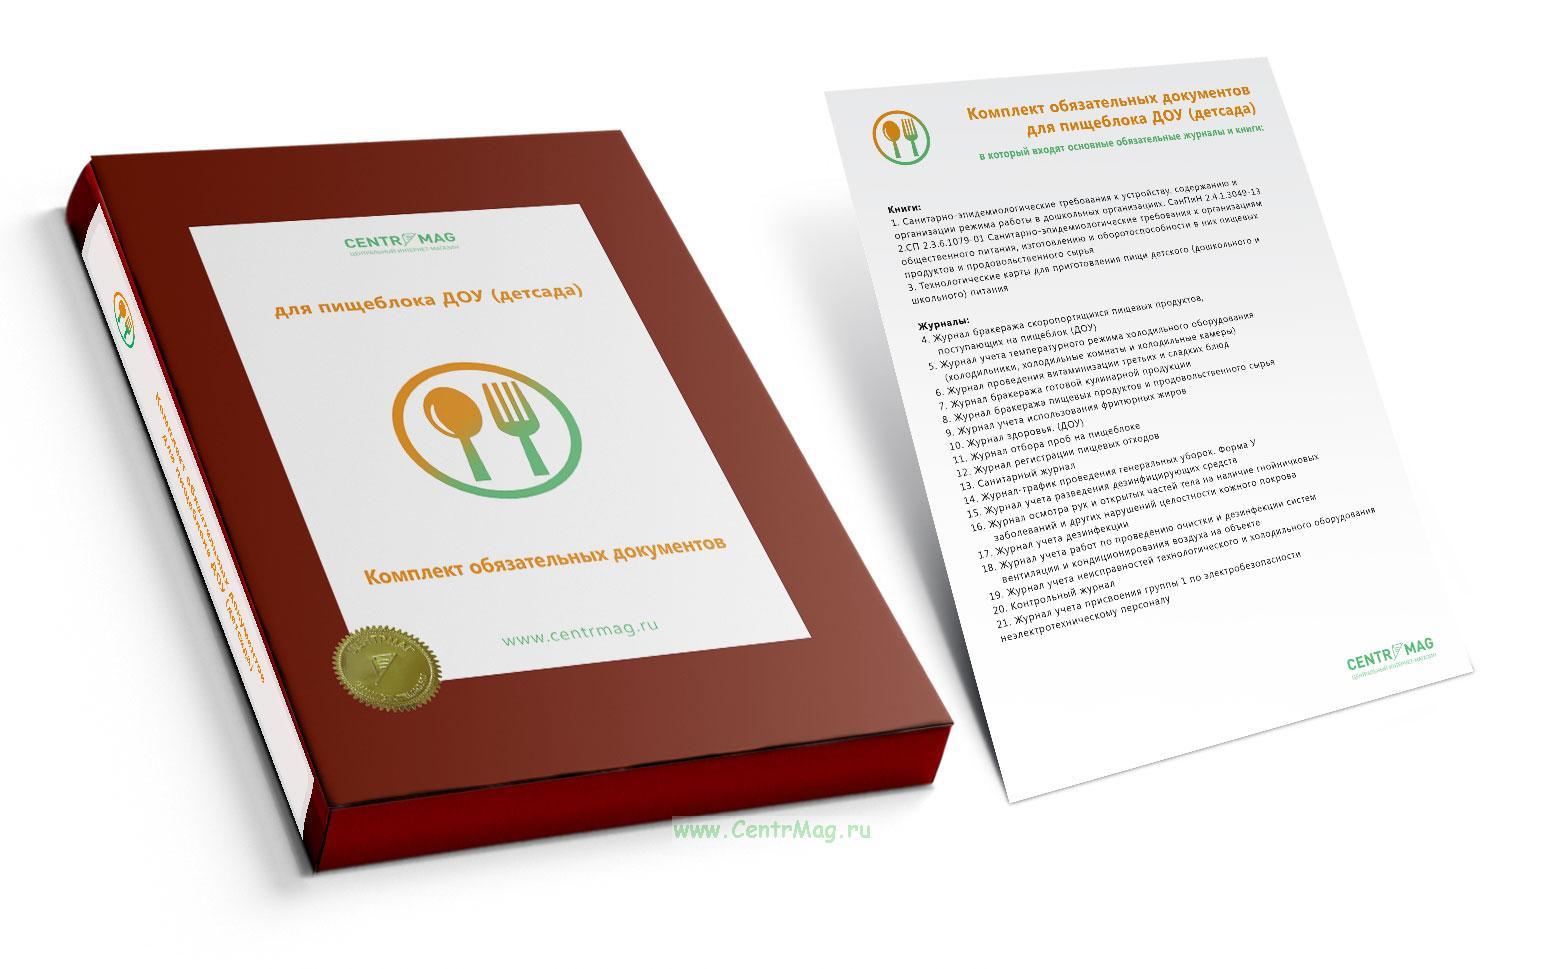 Комплект обязательных документов для пищеблока ДОУ (детсада) 2020 год. Последняя редакция